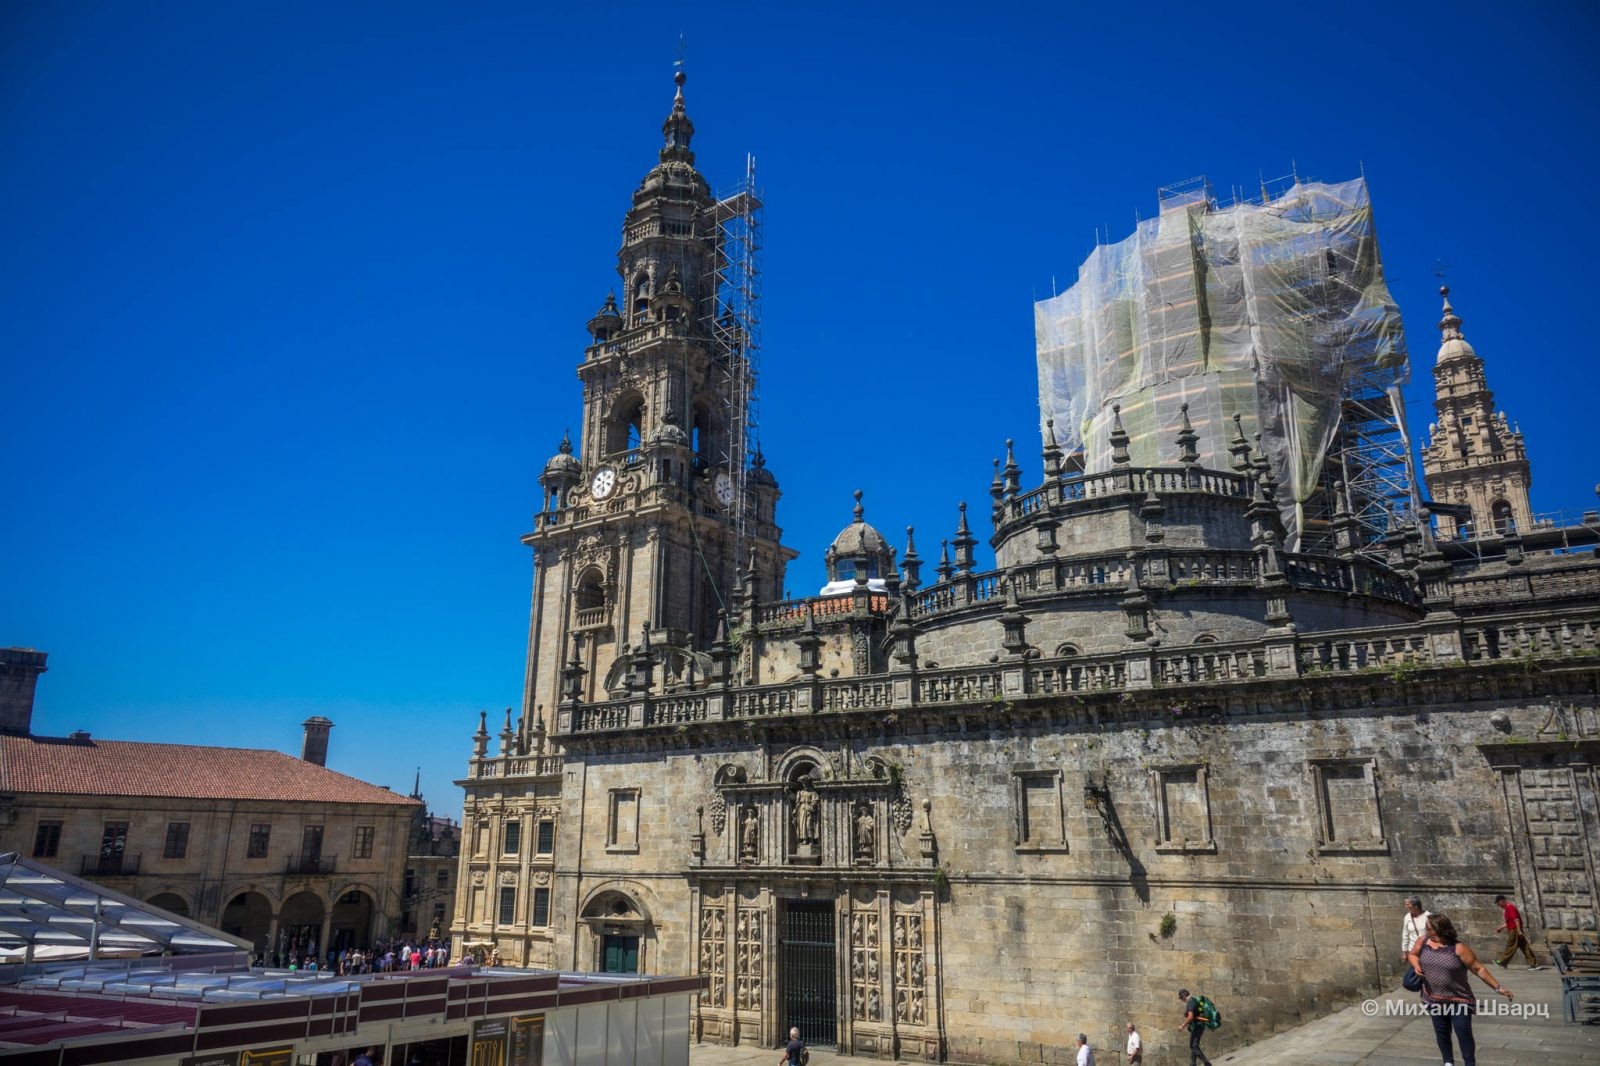 Часовая башня Berenguela